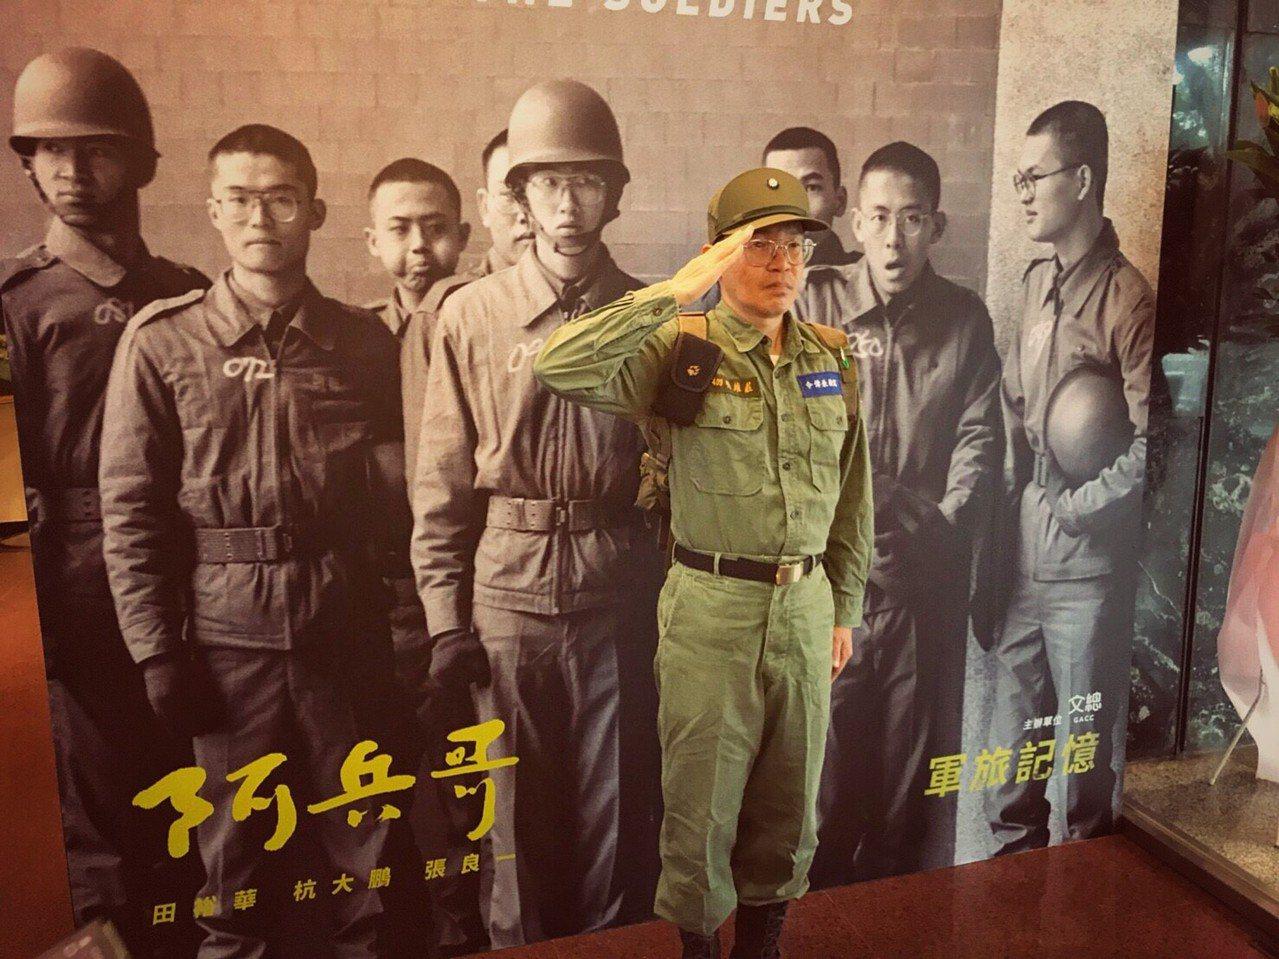 「阿兵哥–軍旅記憶」攝影展呈現3名攝影記者田裕華、張良一、杭大鵬當兵時所拍攝的紀...